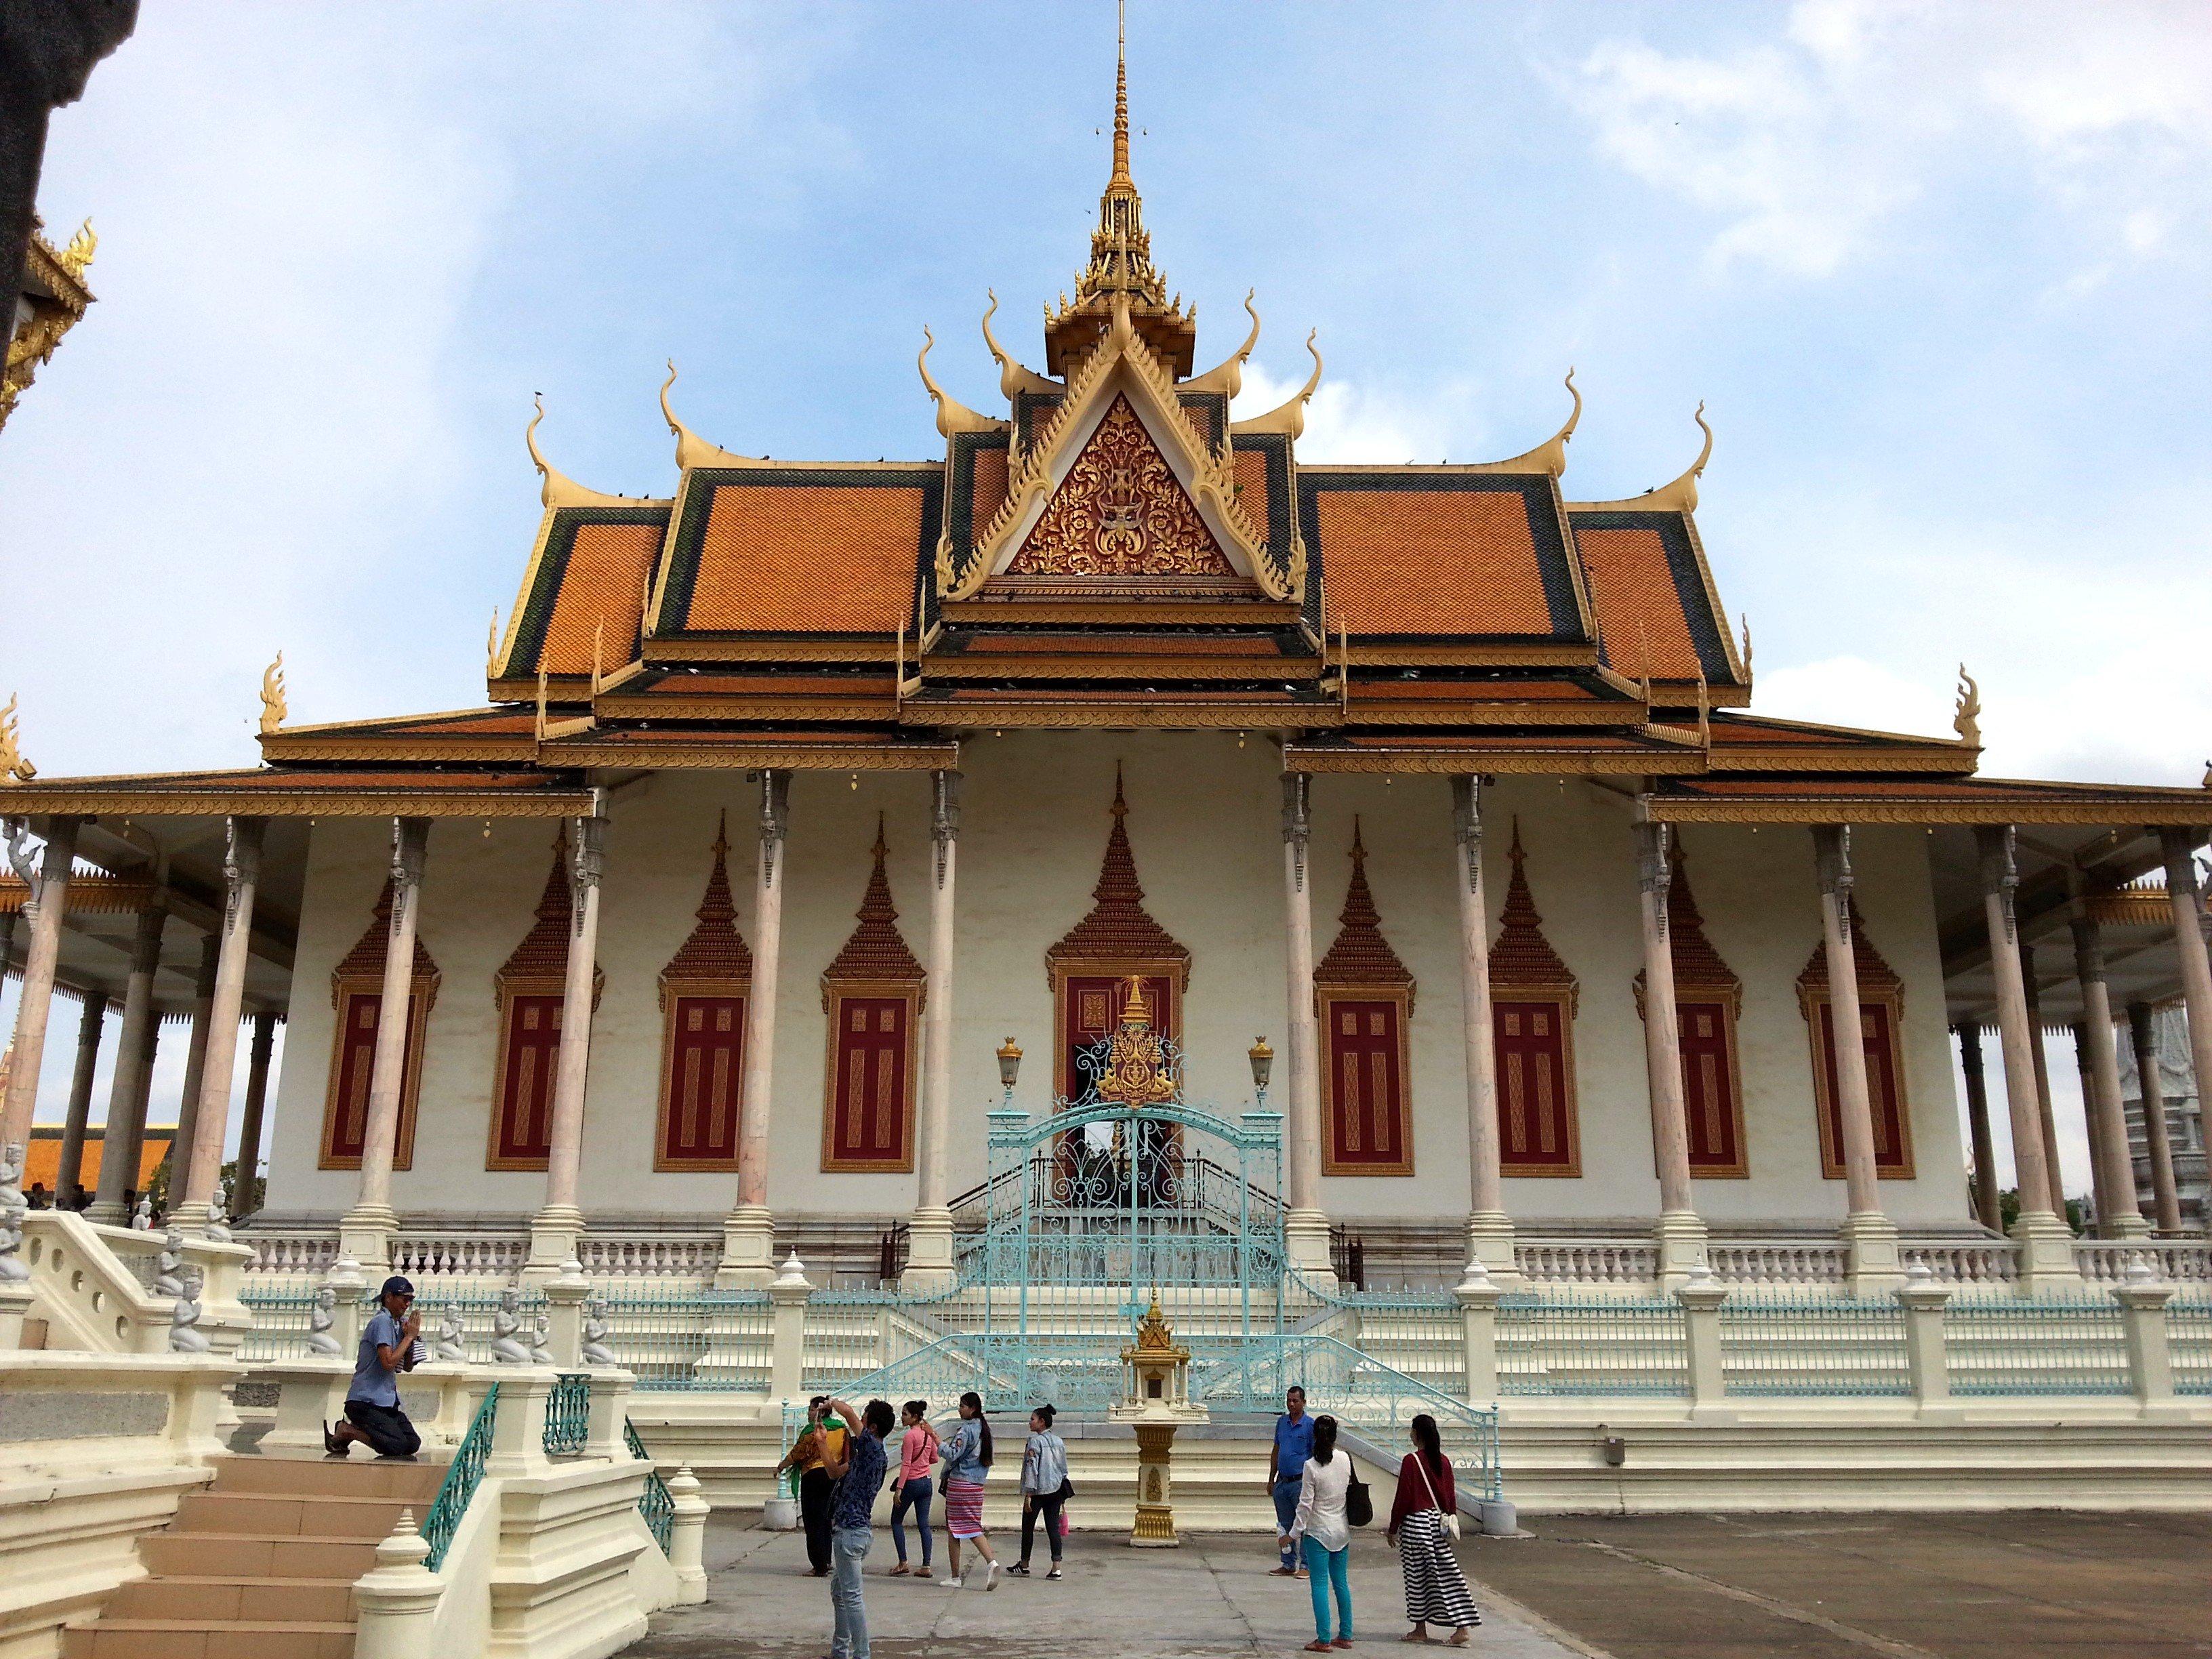 Silver Pagoda at the Royal Palace